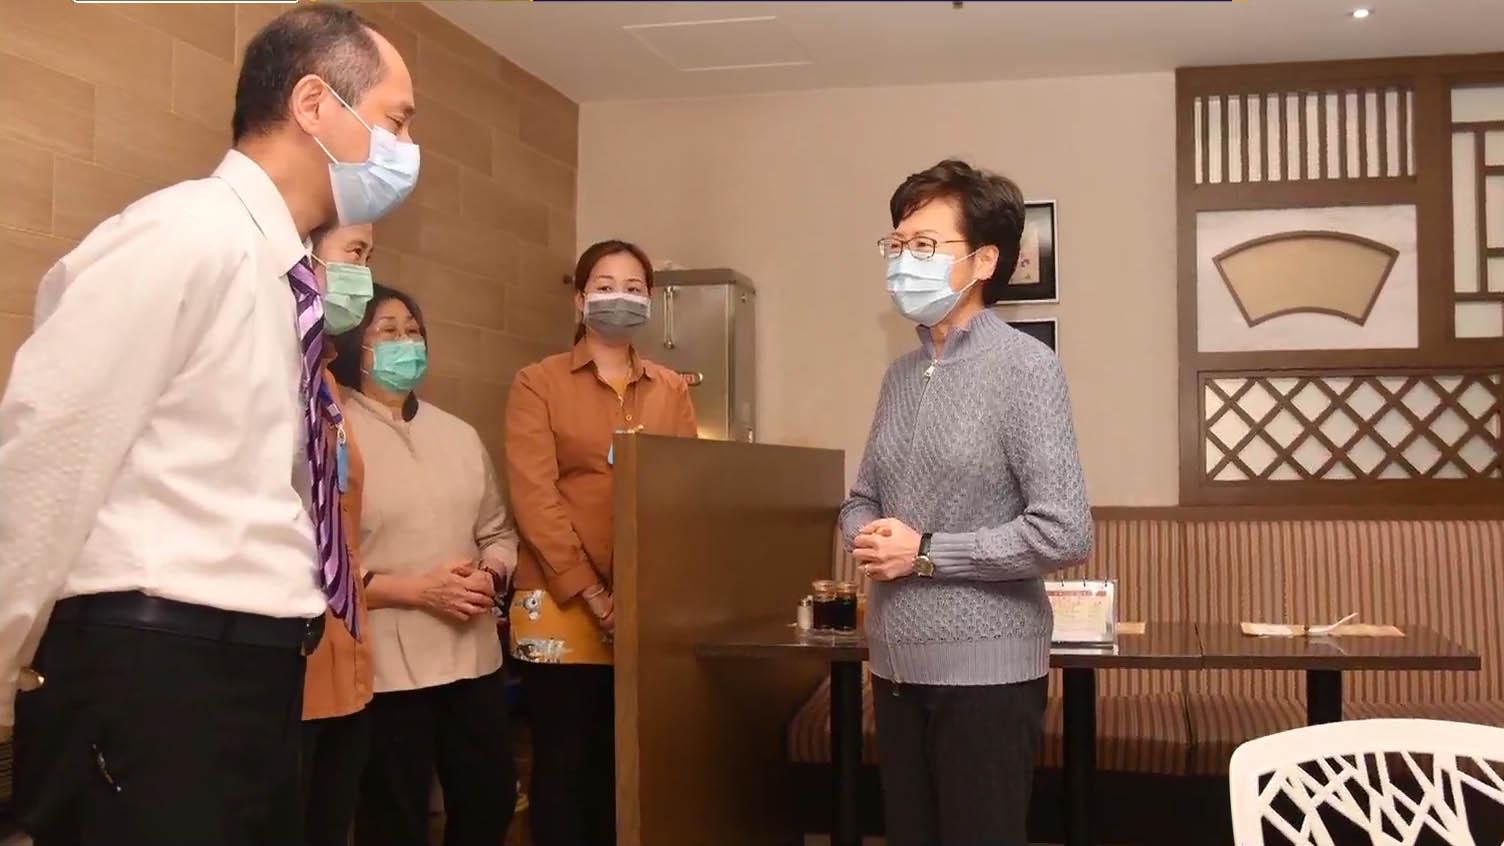 林鄭與張宇人視察餐飲業防疫新規例 指市民不持異議